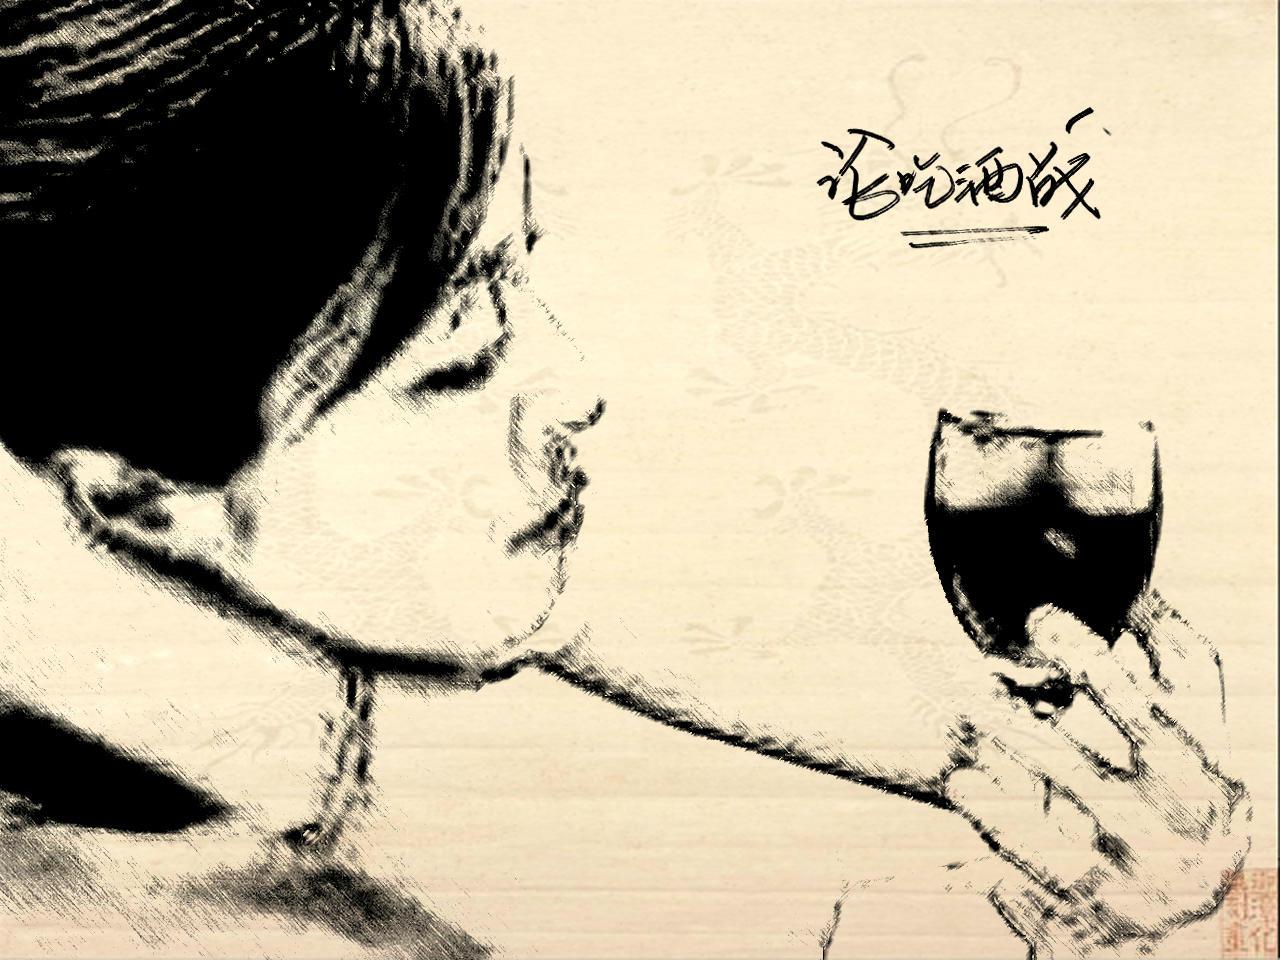 论吃酒战 - zrh1829 - zrh1829的博客